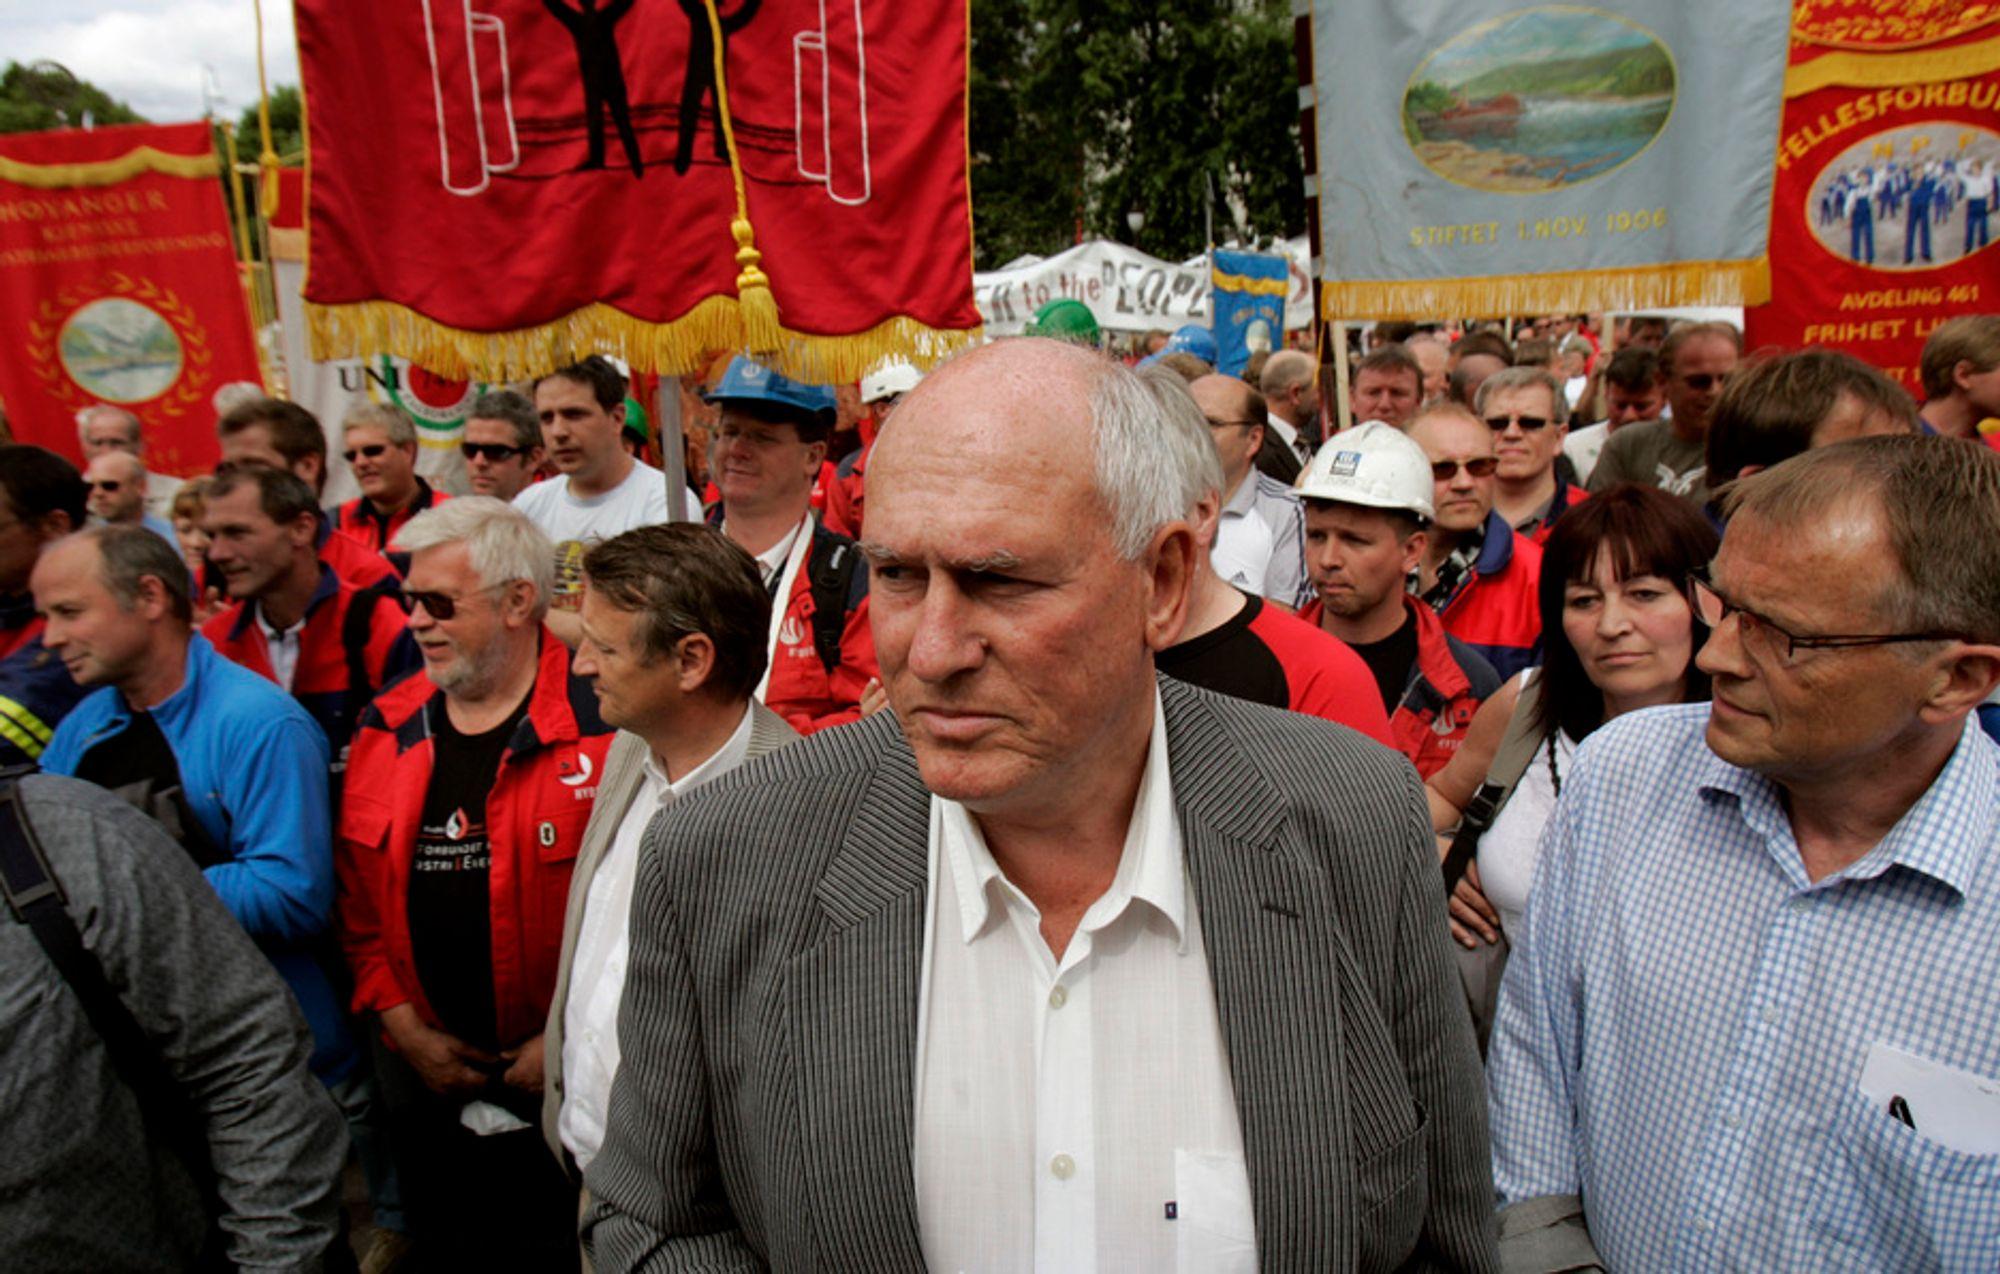 IKKE FØRSTE GANG: LO-leder Roar Flåthen var tilstede da medlemmer fra LO-forbundet Industri Energi demonstrerte for industrikraft utenfor Stortinget i juni i fjor.